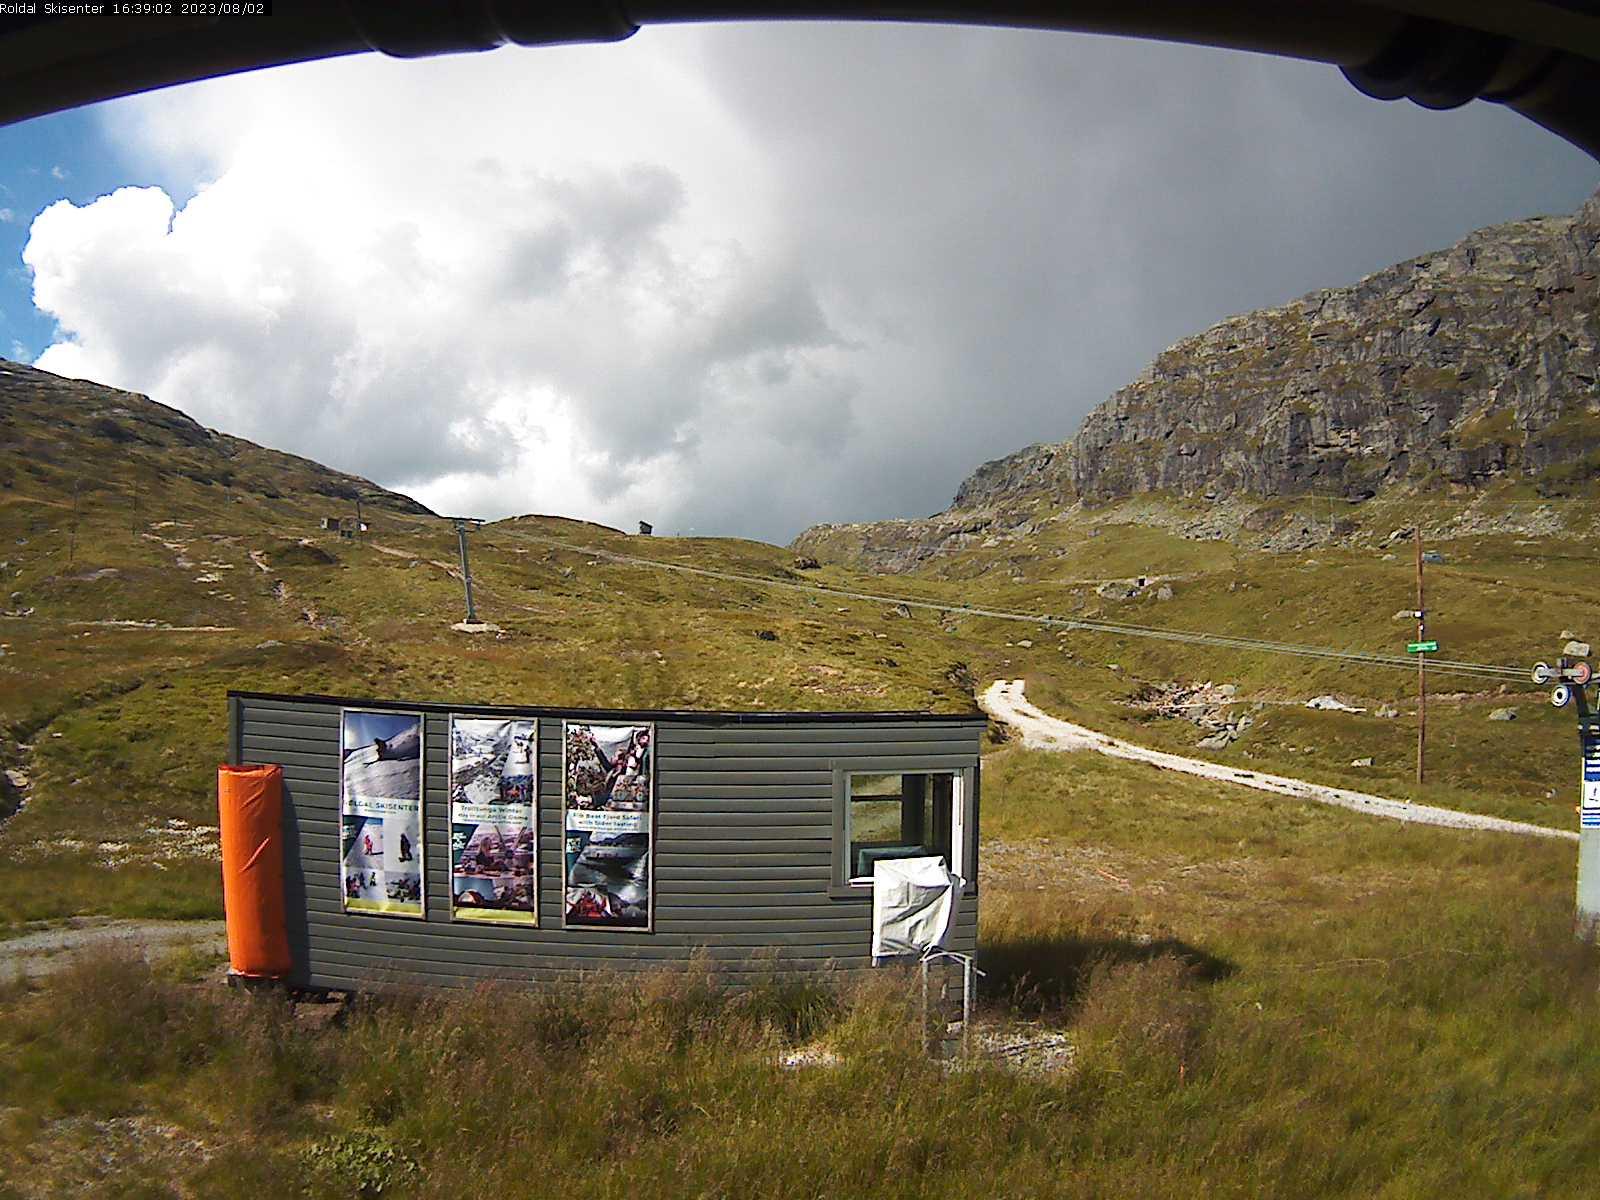 Røldal - ski slope; beginners' lift